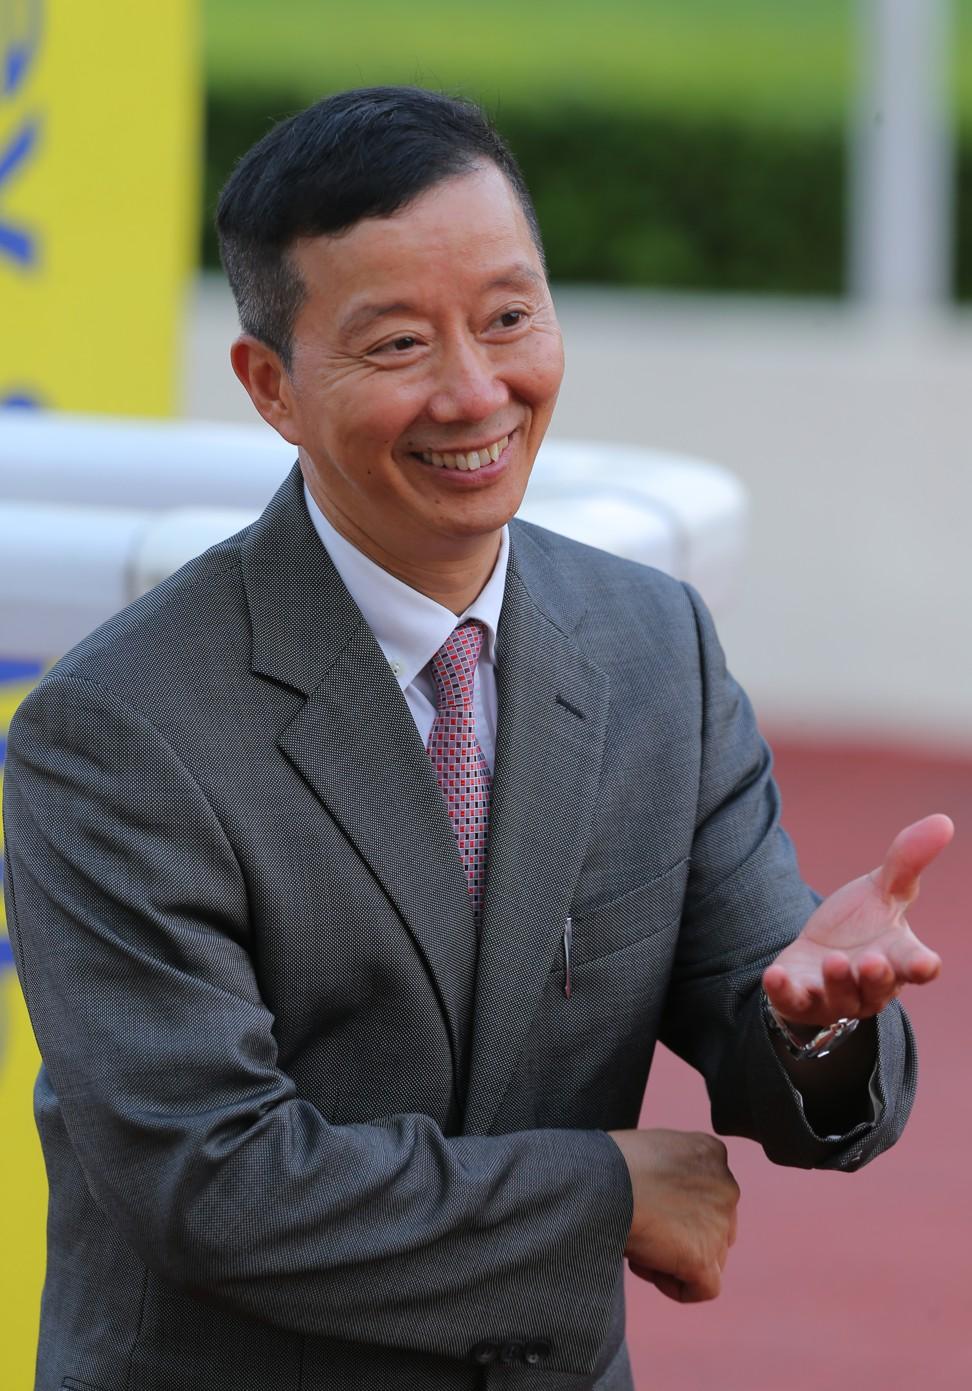 Trainer Benno Yung.